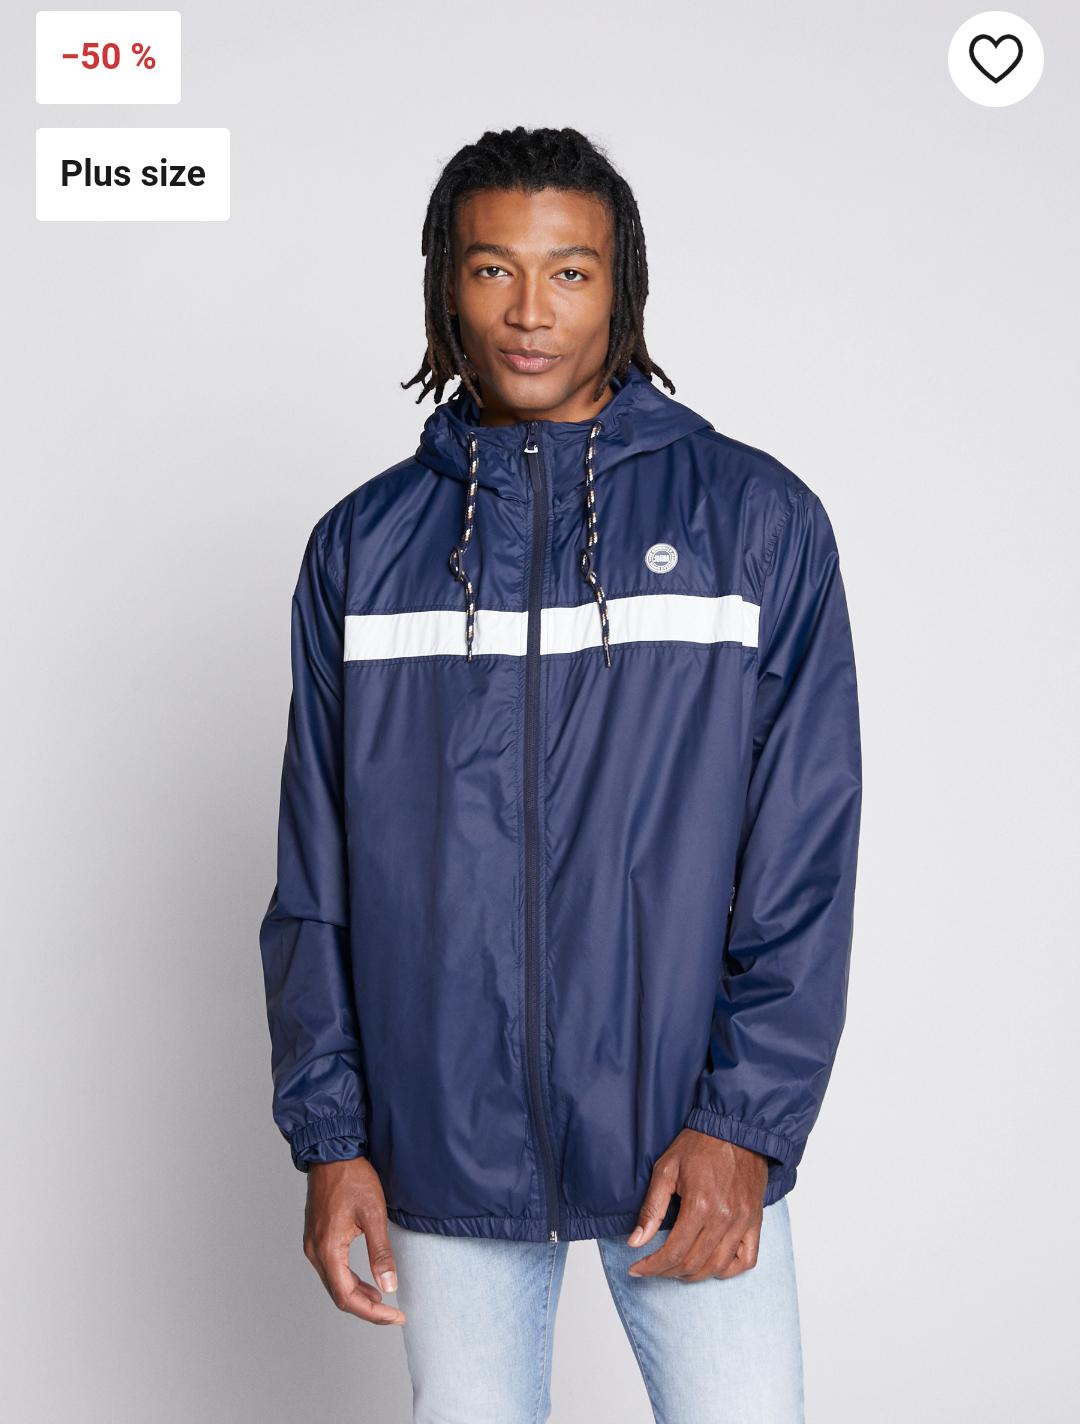 Jack & Jones Jorcott light summer jacket Now £22 size 3XL, 4XL, 5XL free delivery @ Zalando